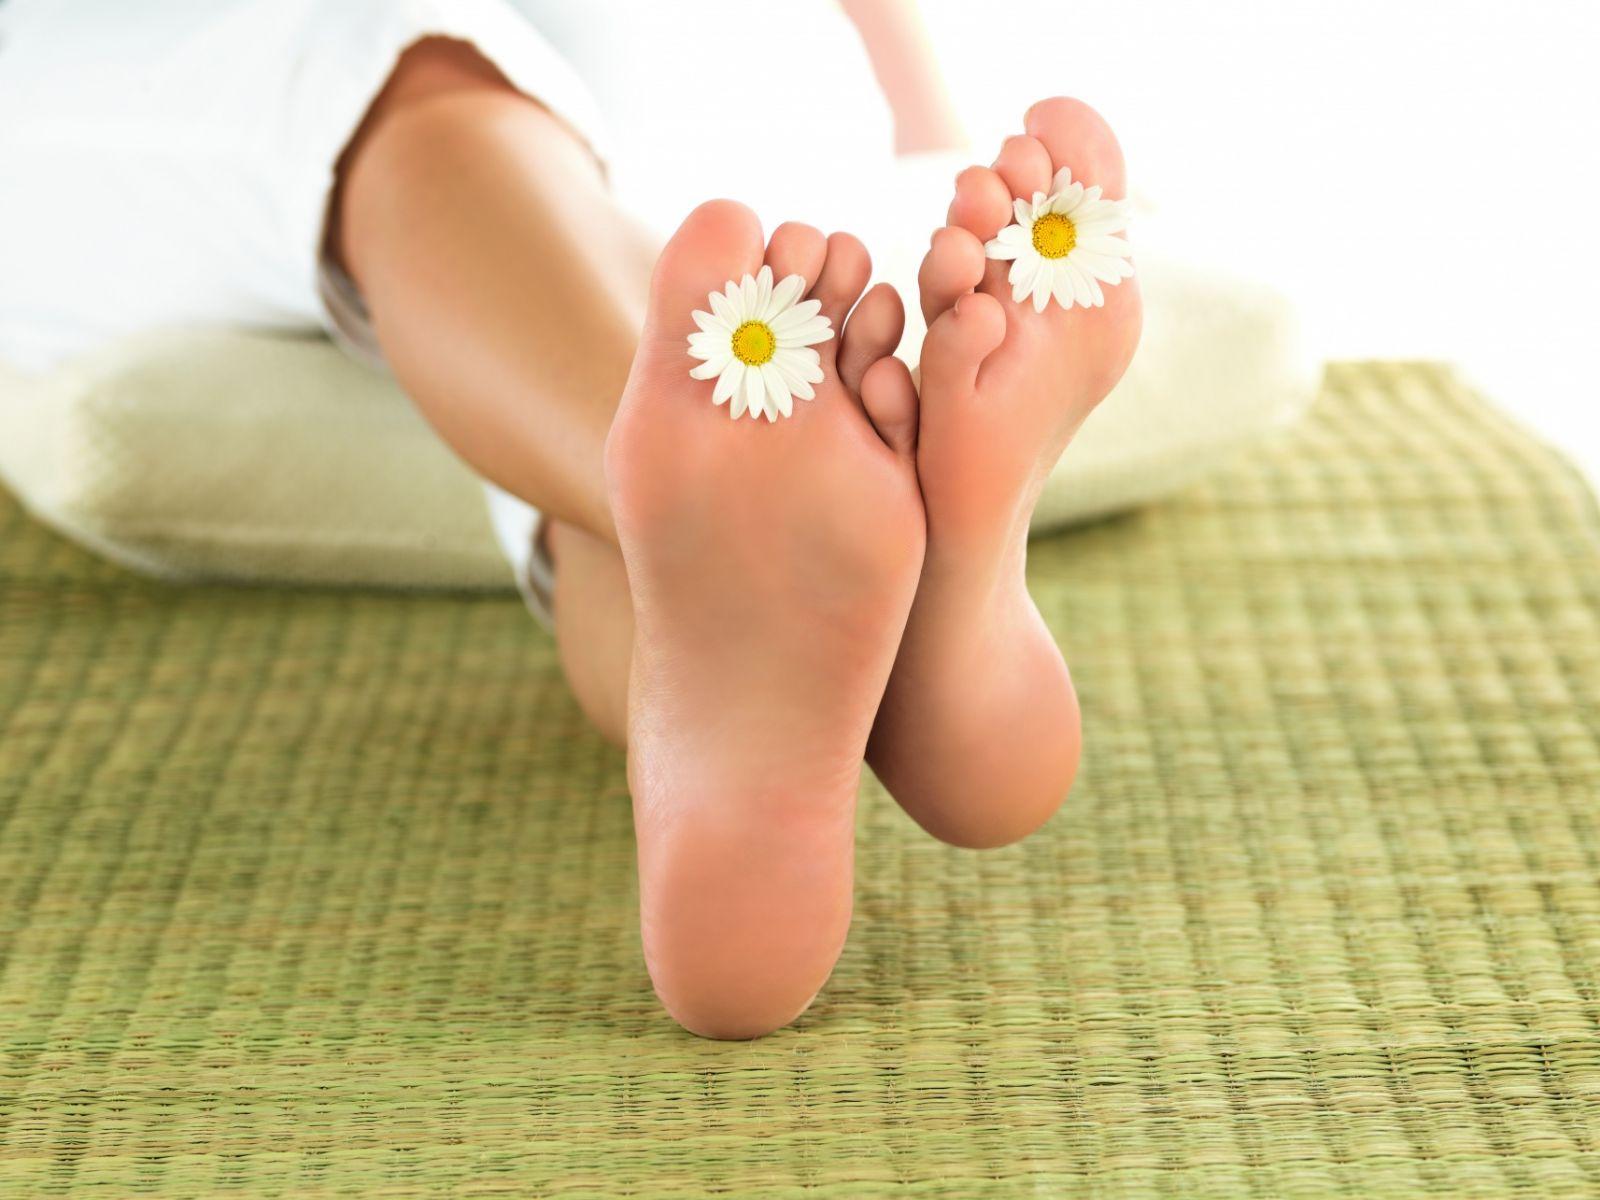 Как правильно ухаживать за ногами, стопами и ногтями